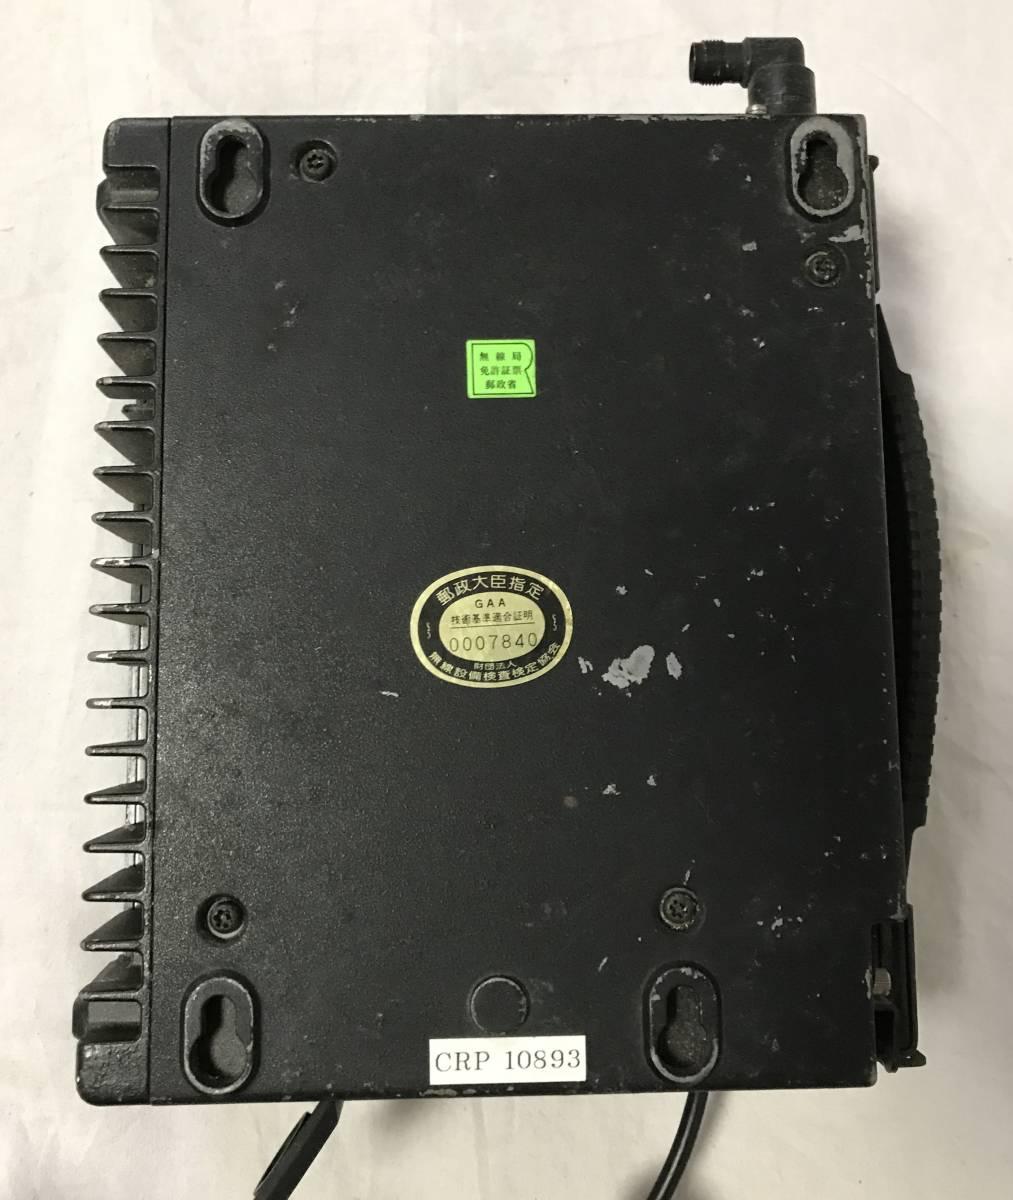 1991年製 EF-6256形簡易陸上移動無線電話移動機 カーテレフォン 車 携帯電話 初期 昭和レトロ_画像5